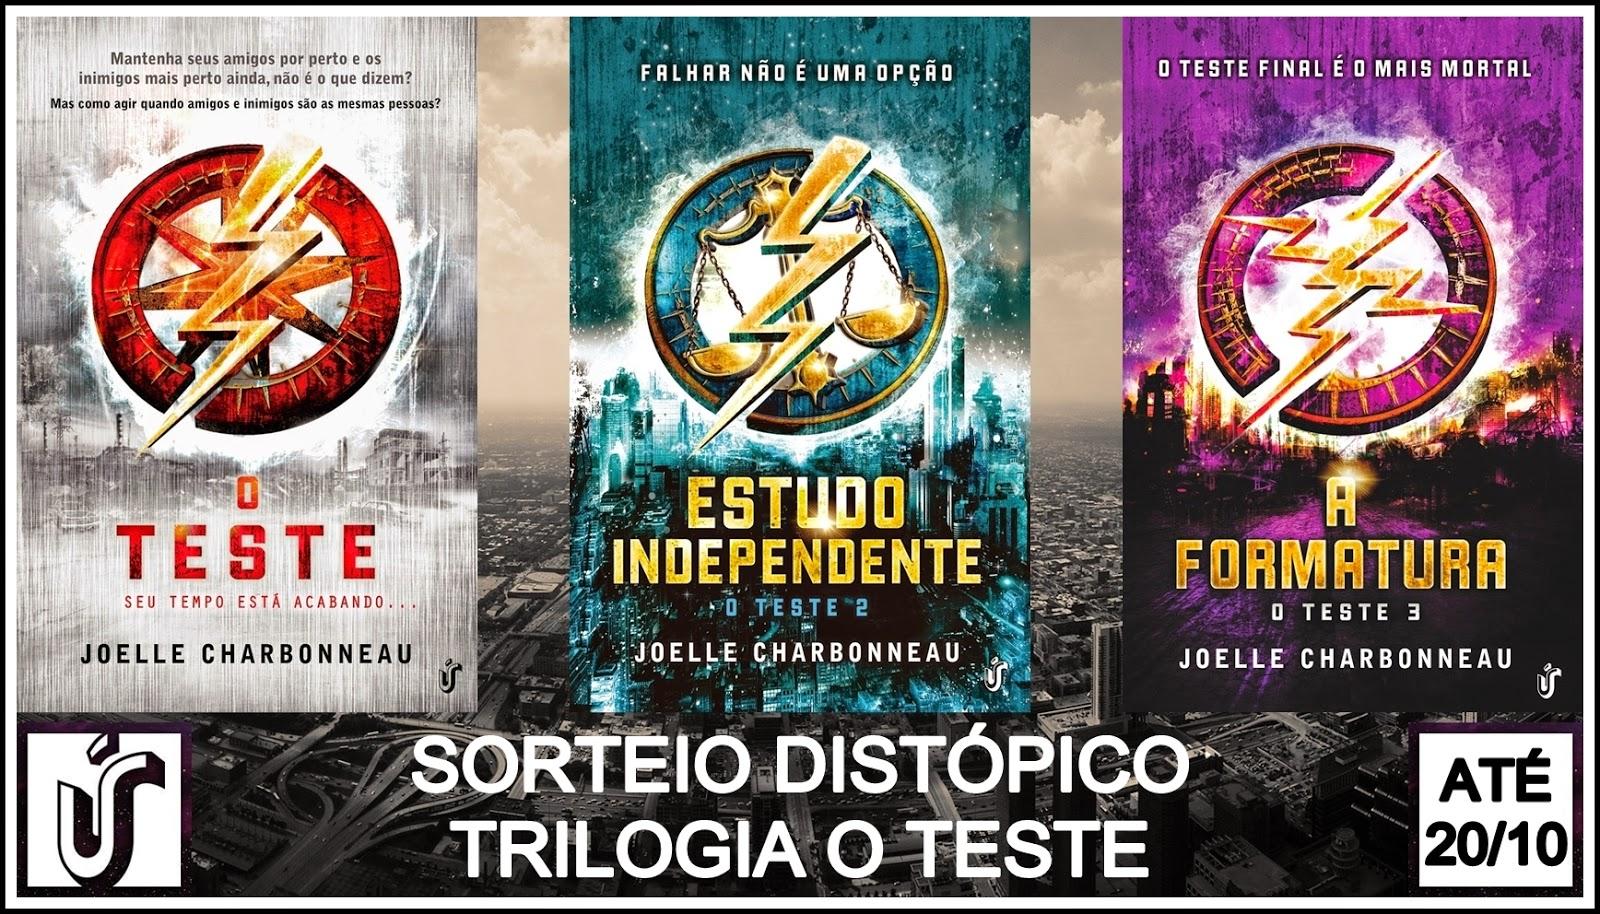 Sorteio Distópico * Trilogia O Teste